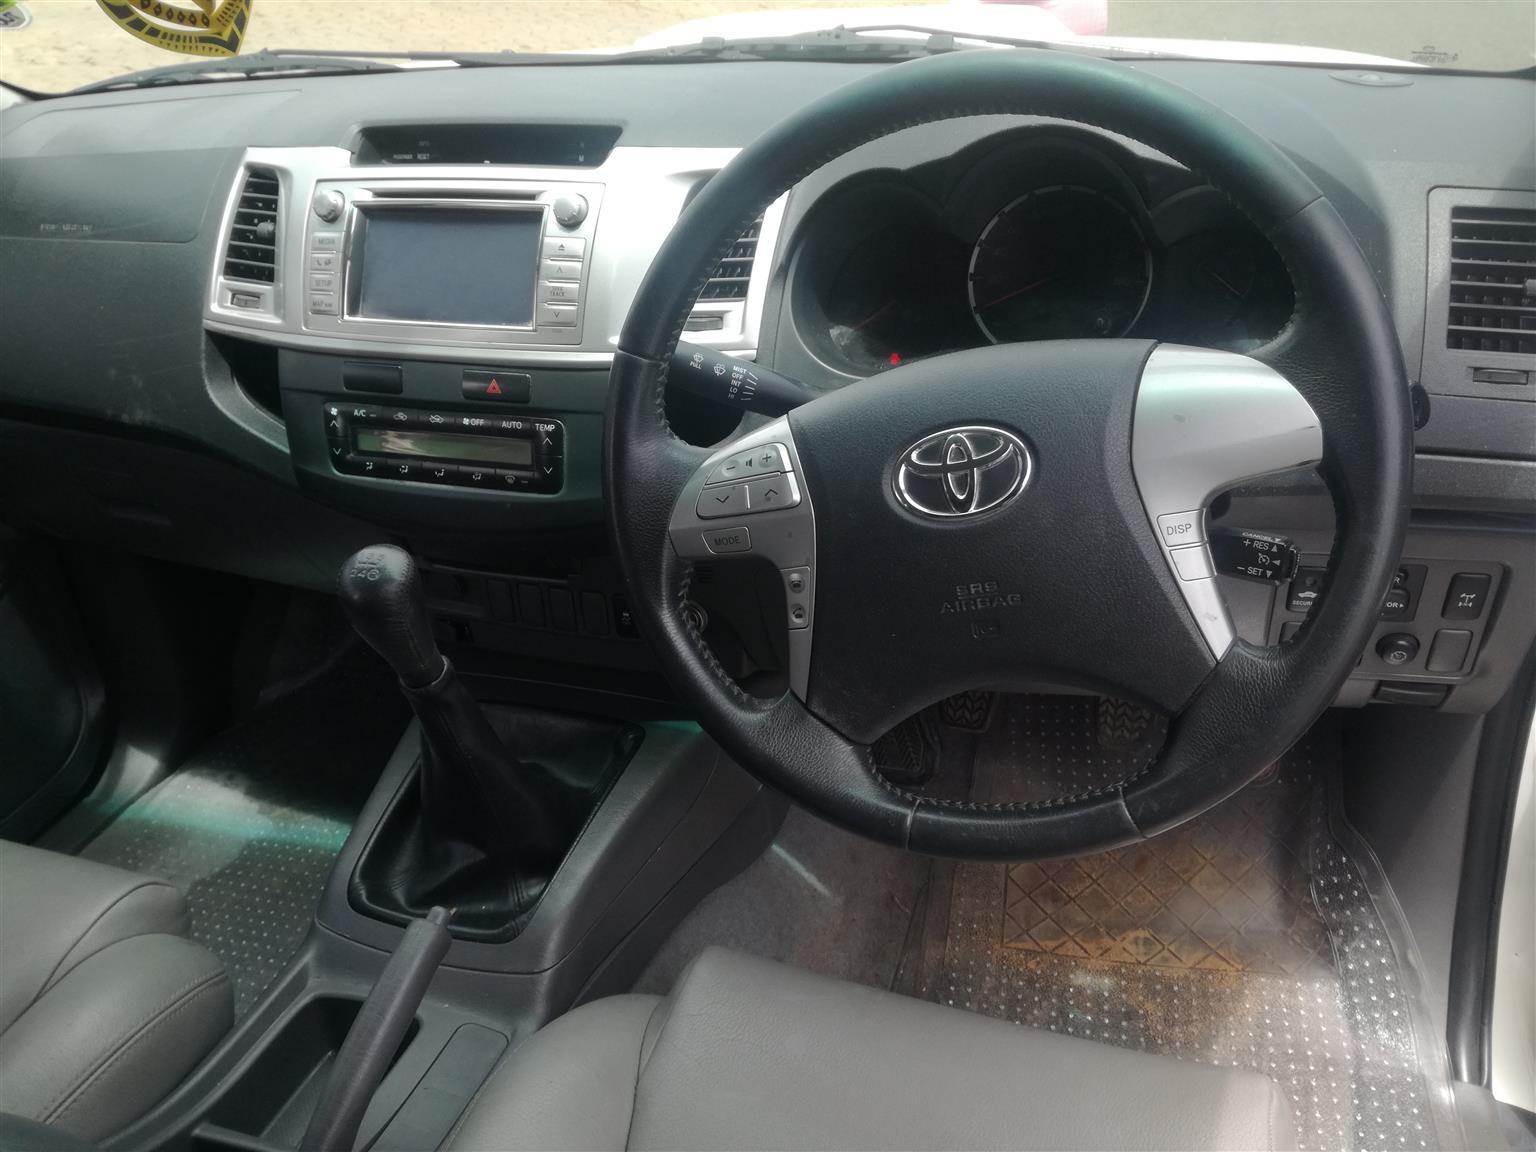 2012 Toyota Hilux double cab HILUX 3.0 D 4D HERITAGE 4X4 A/T P/U D/C